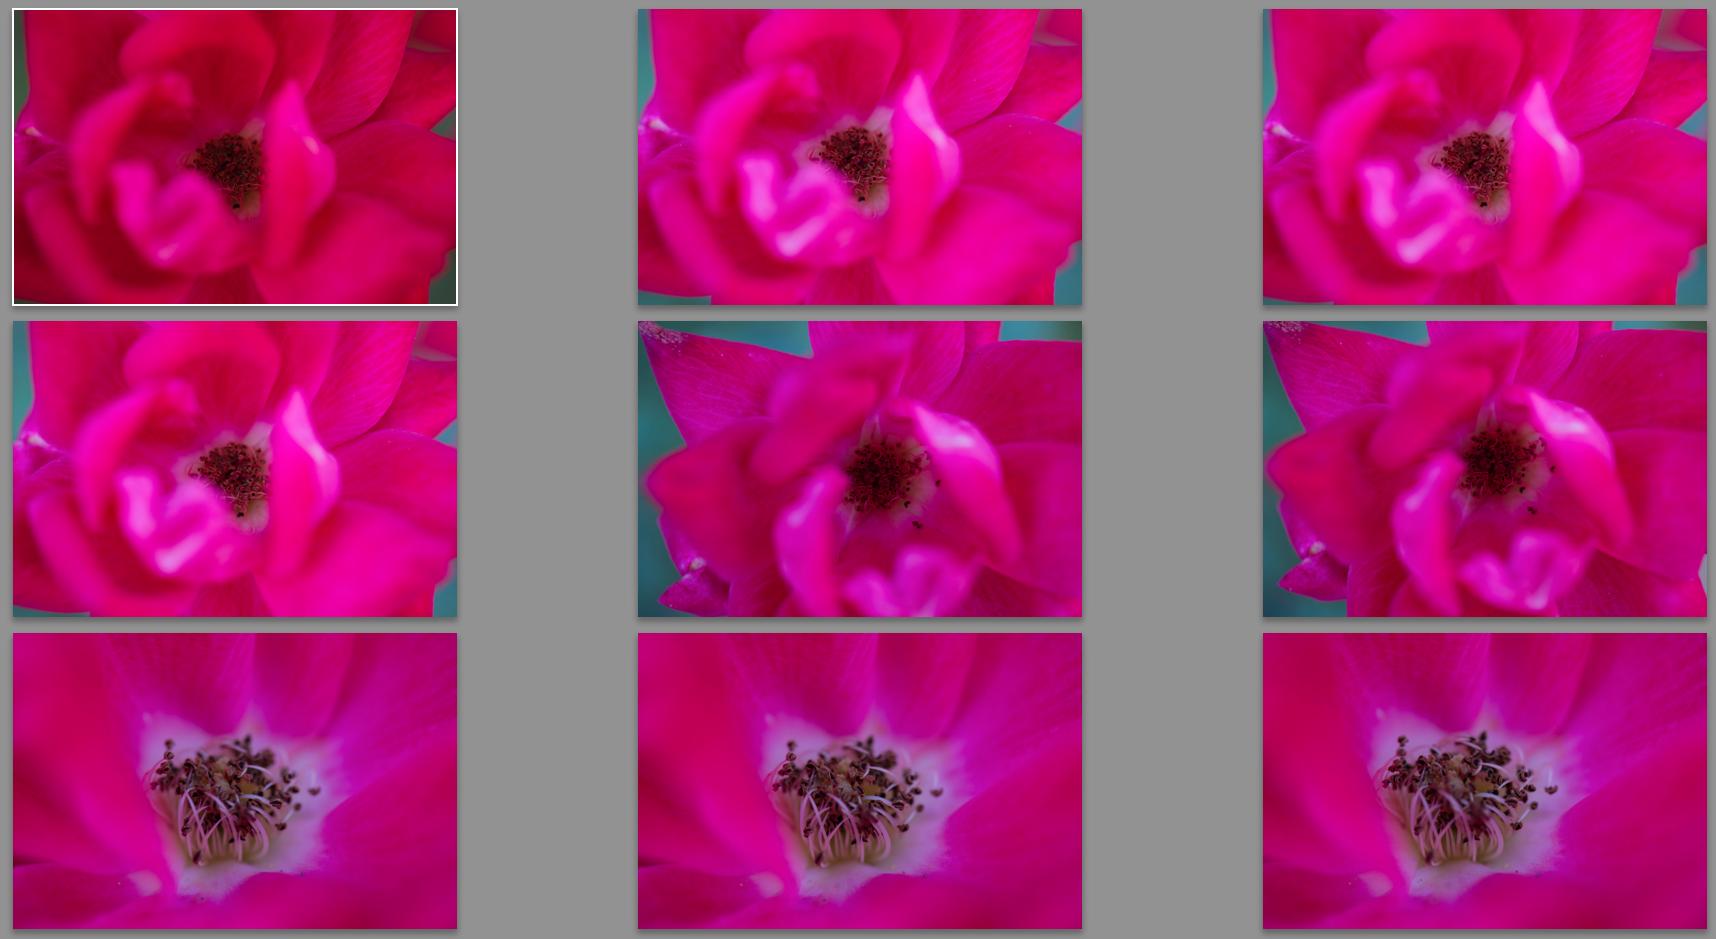 Screen Shot 2014-09-23 at 5.04.24 PM